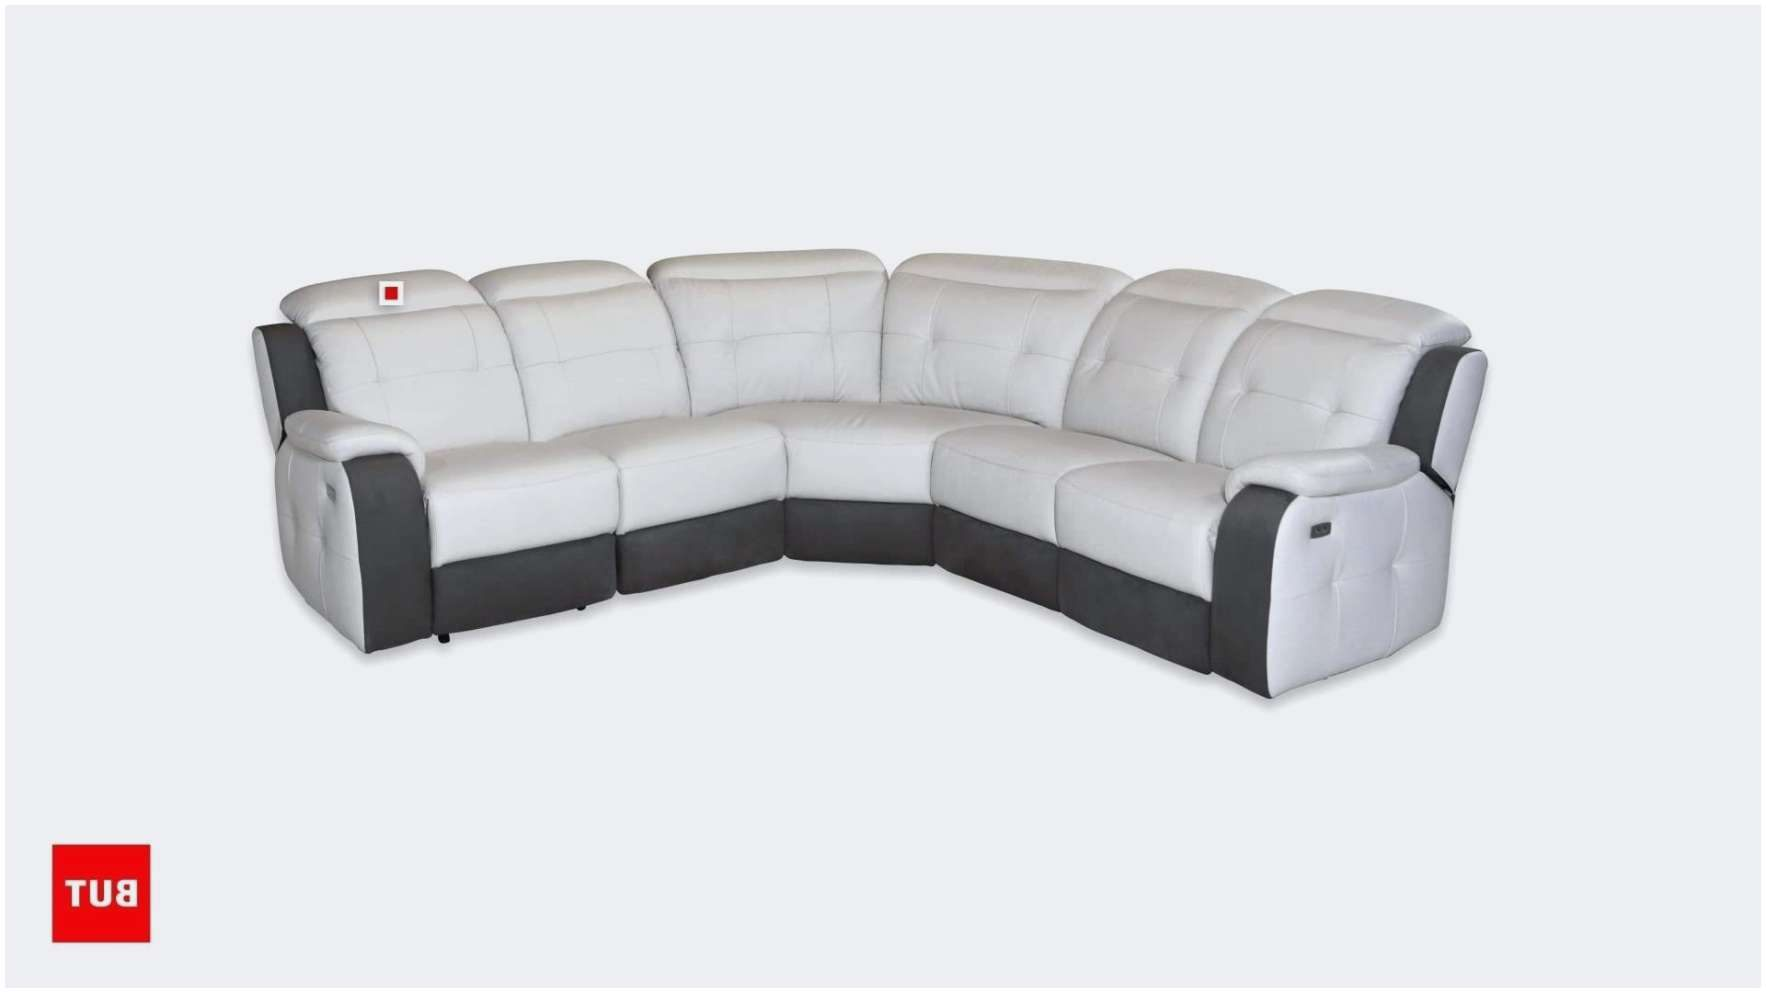 Lit Pour Chien Ikea Belle 60 Canapé Lit Gigogne Ikea Vue Jongor4hire